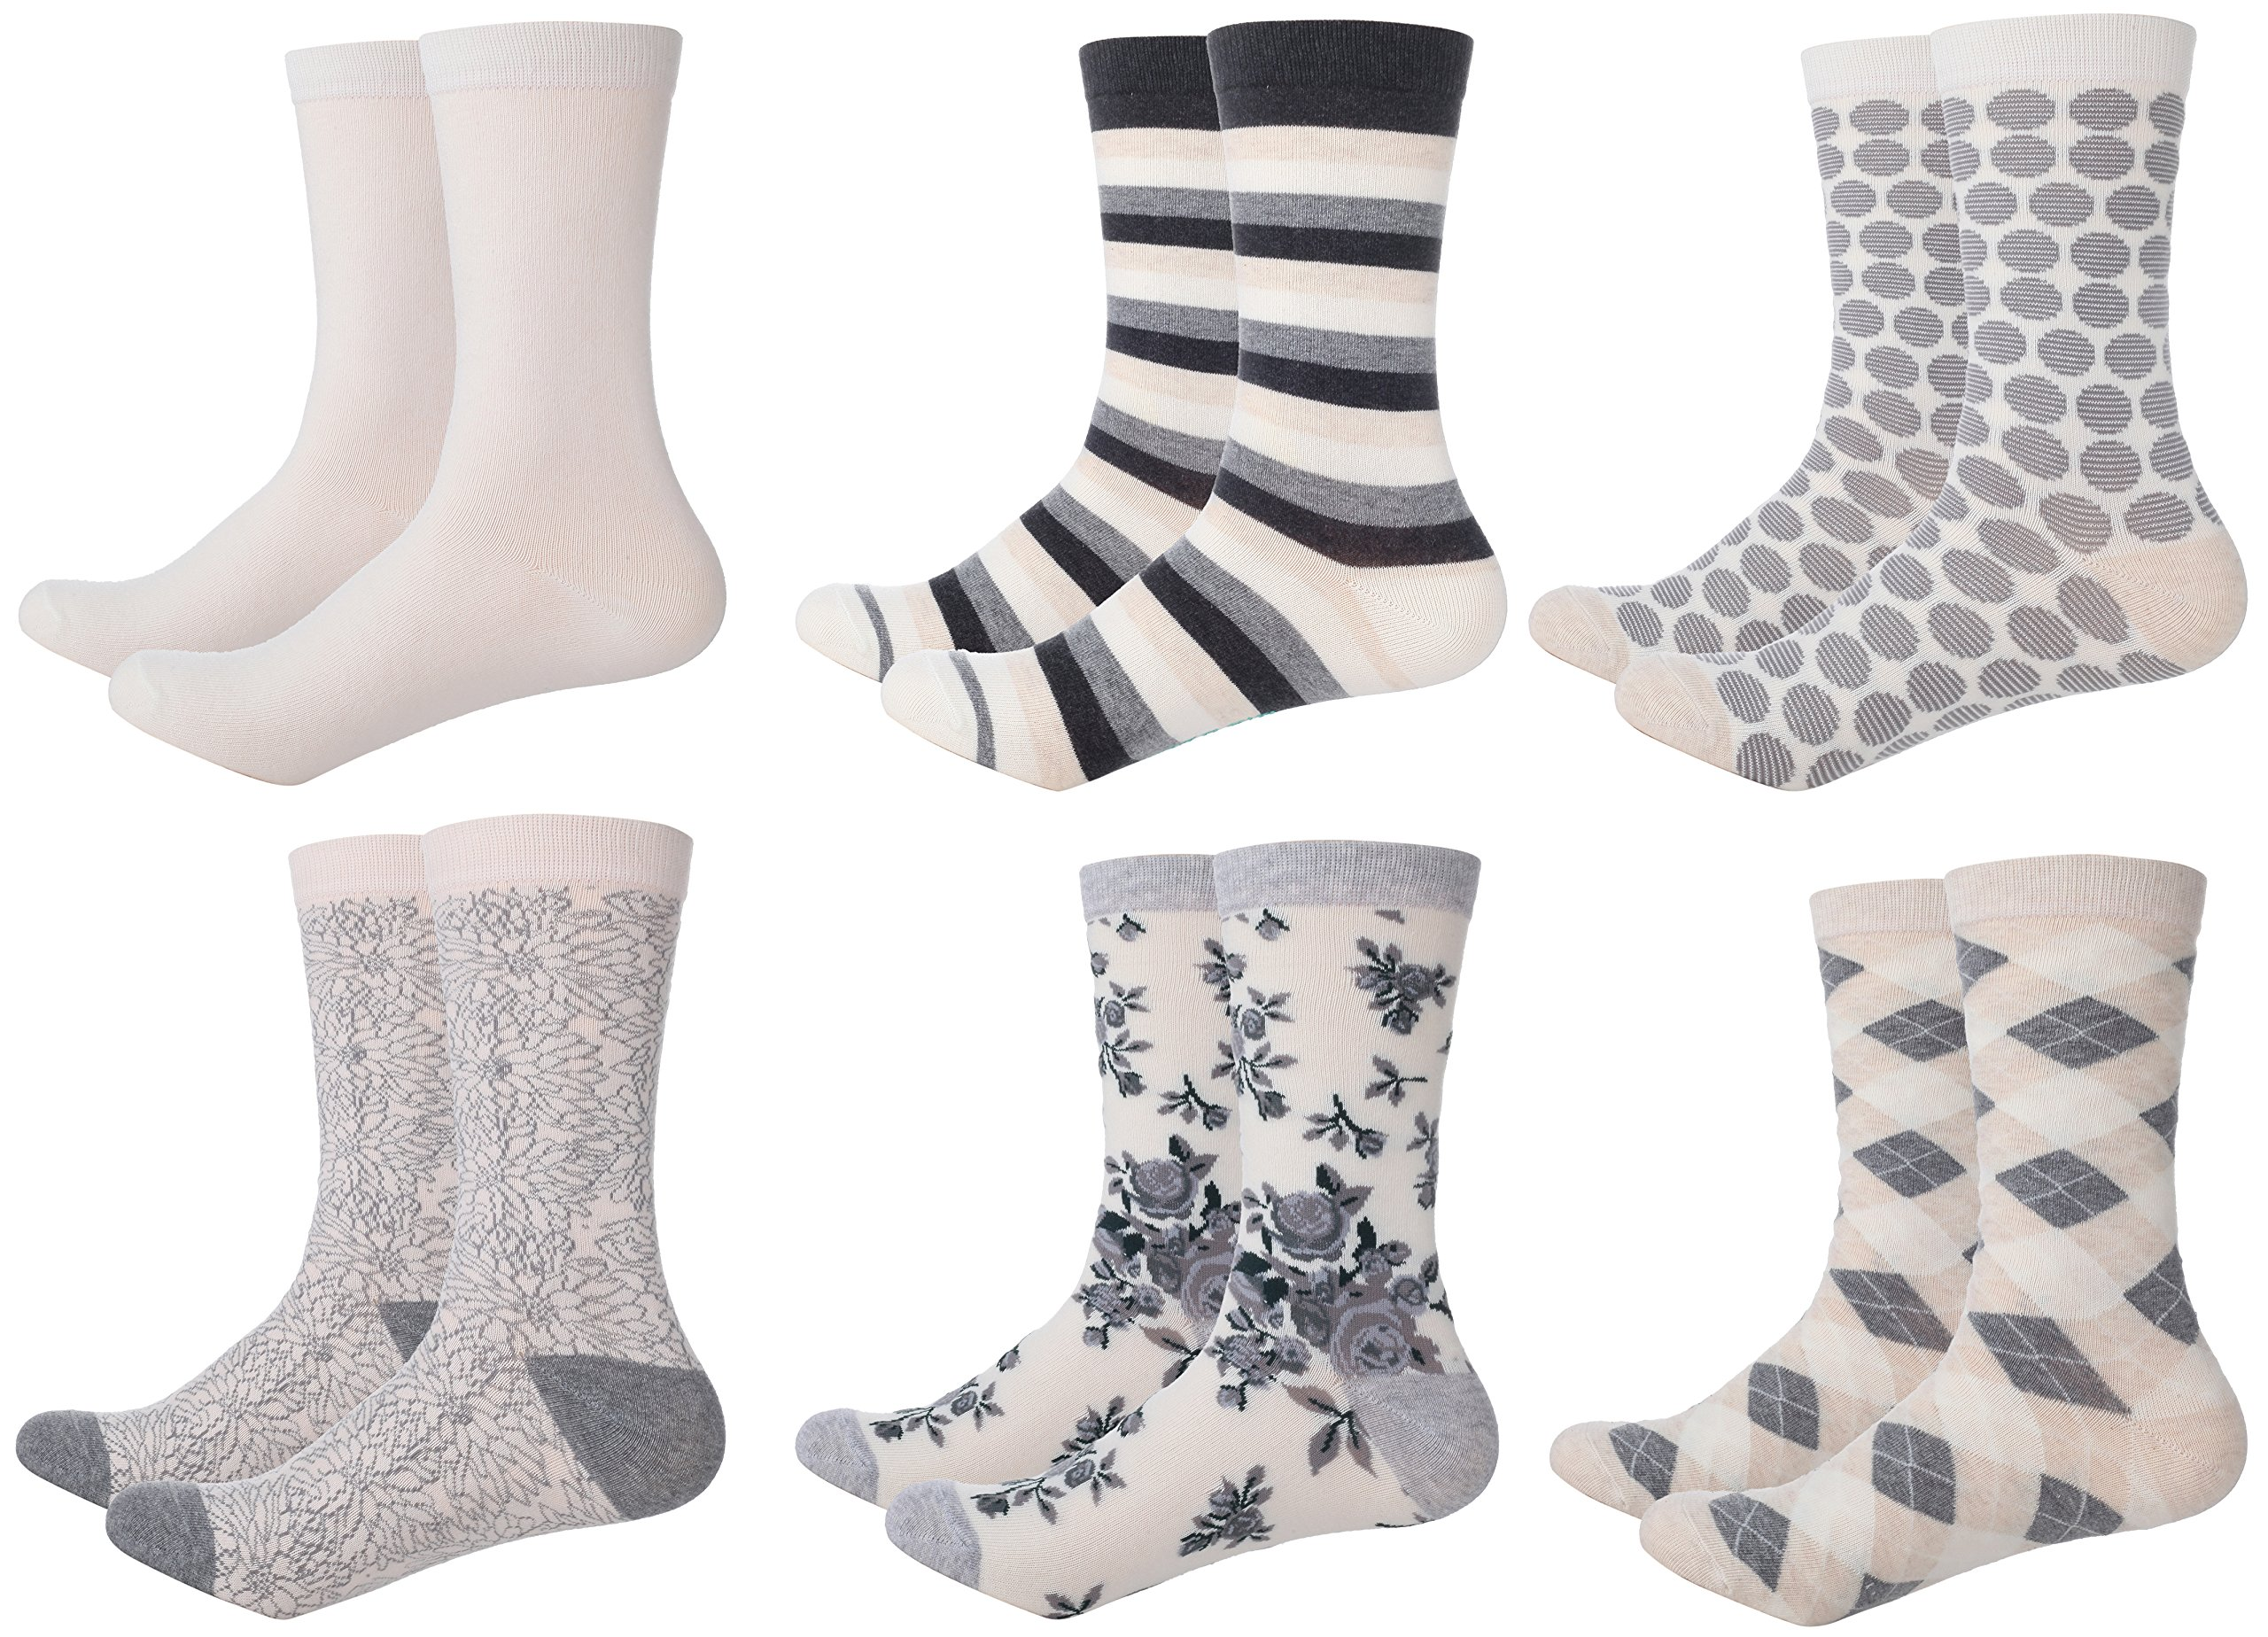 d19c7f265 Best Rated in Women s Dress   Trouser Socks   Helpful Customer ...